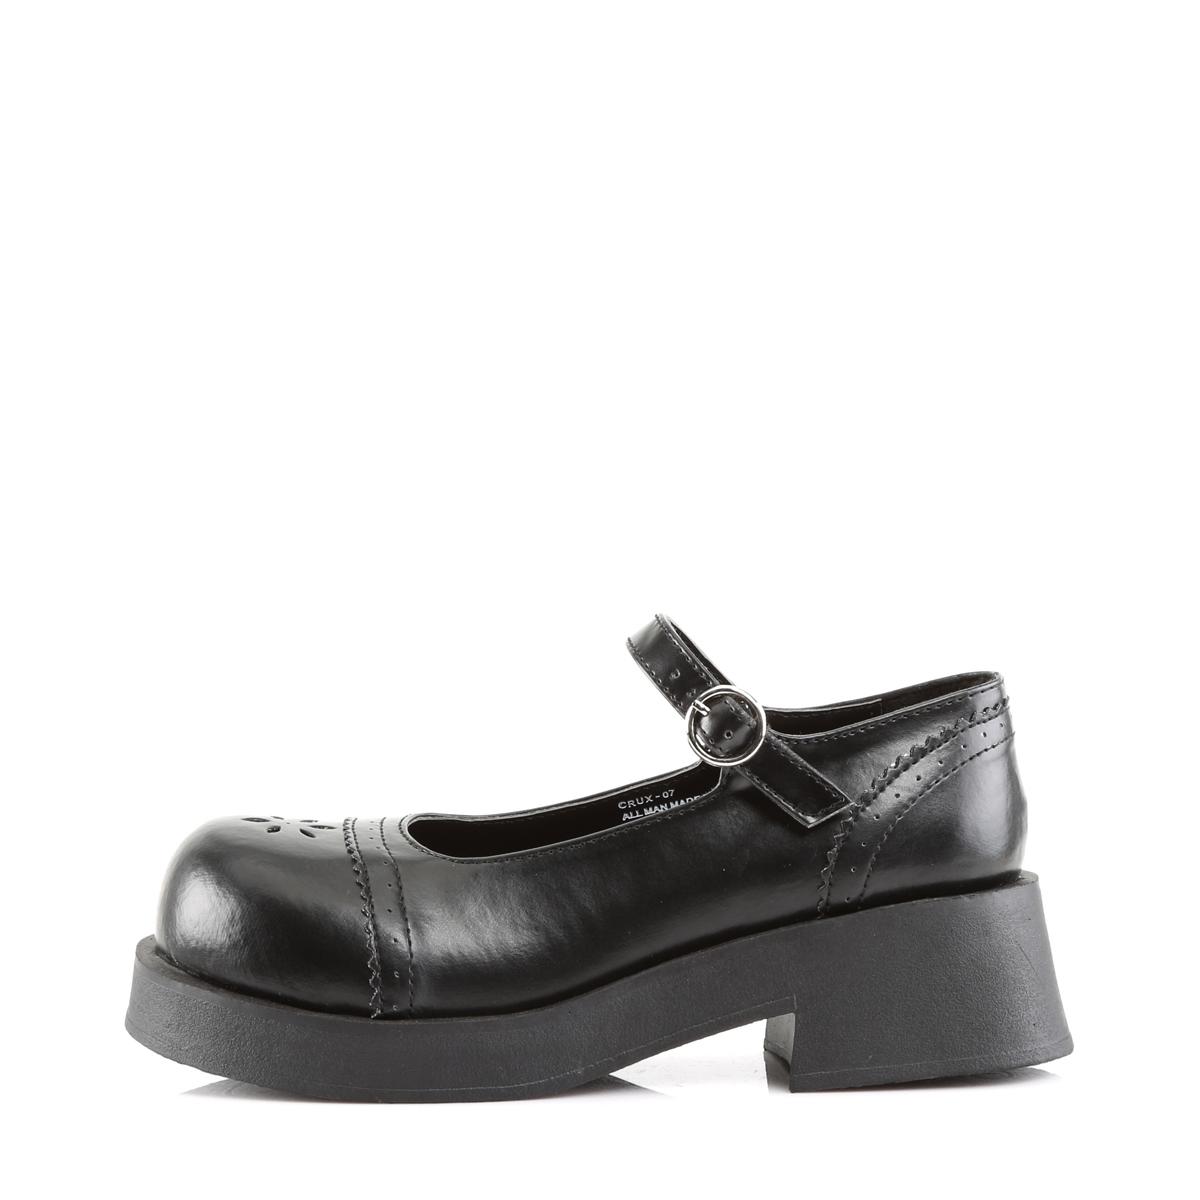 Sapato Crux 07 - Demonia (encomenda)